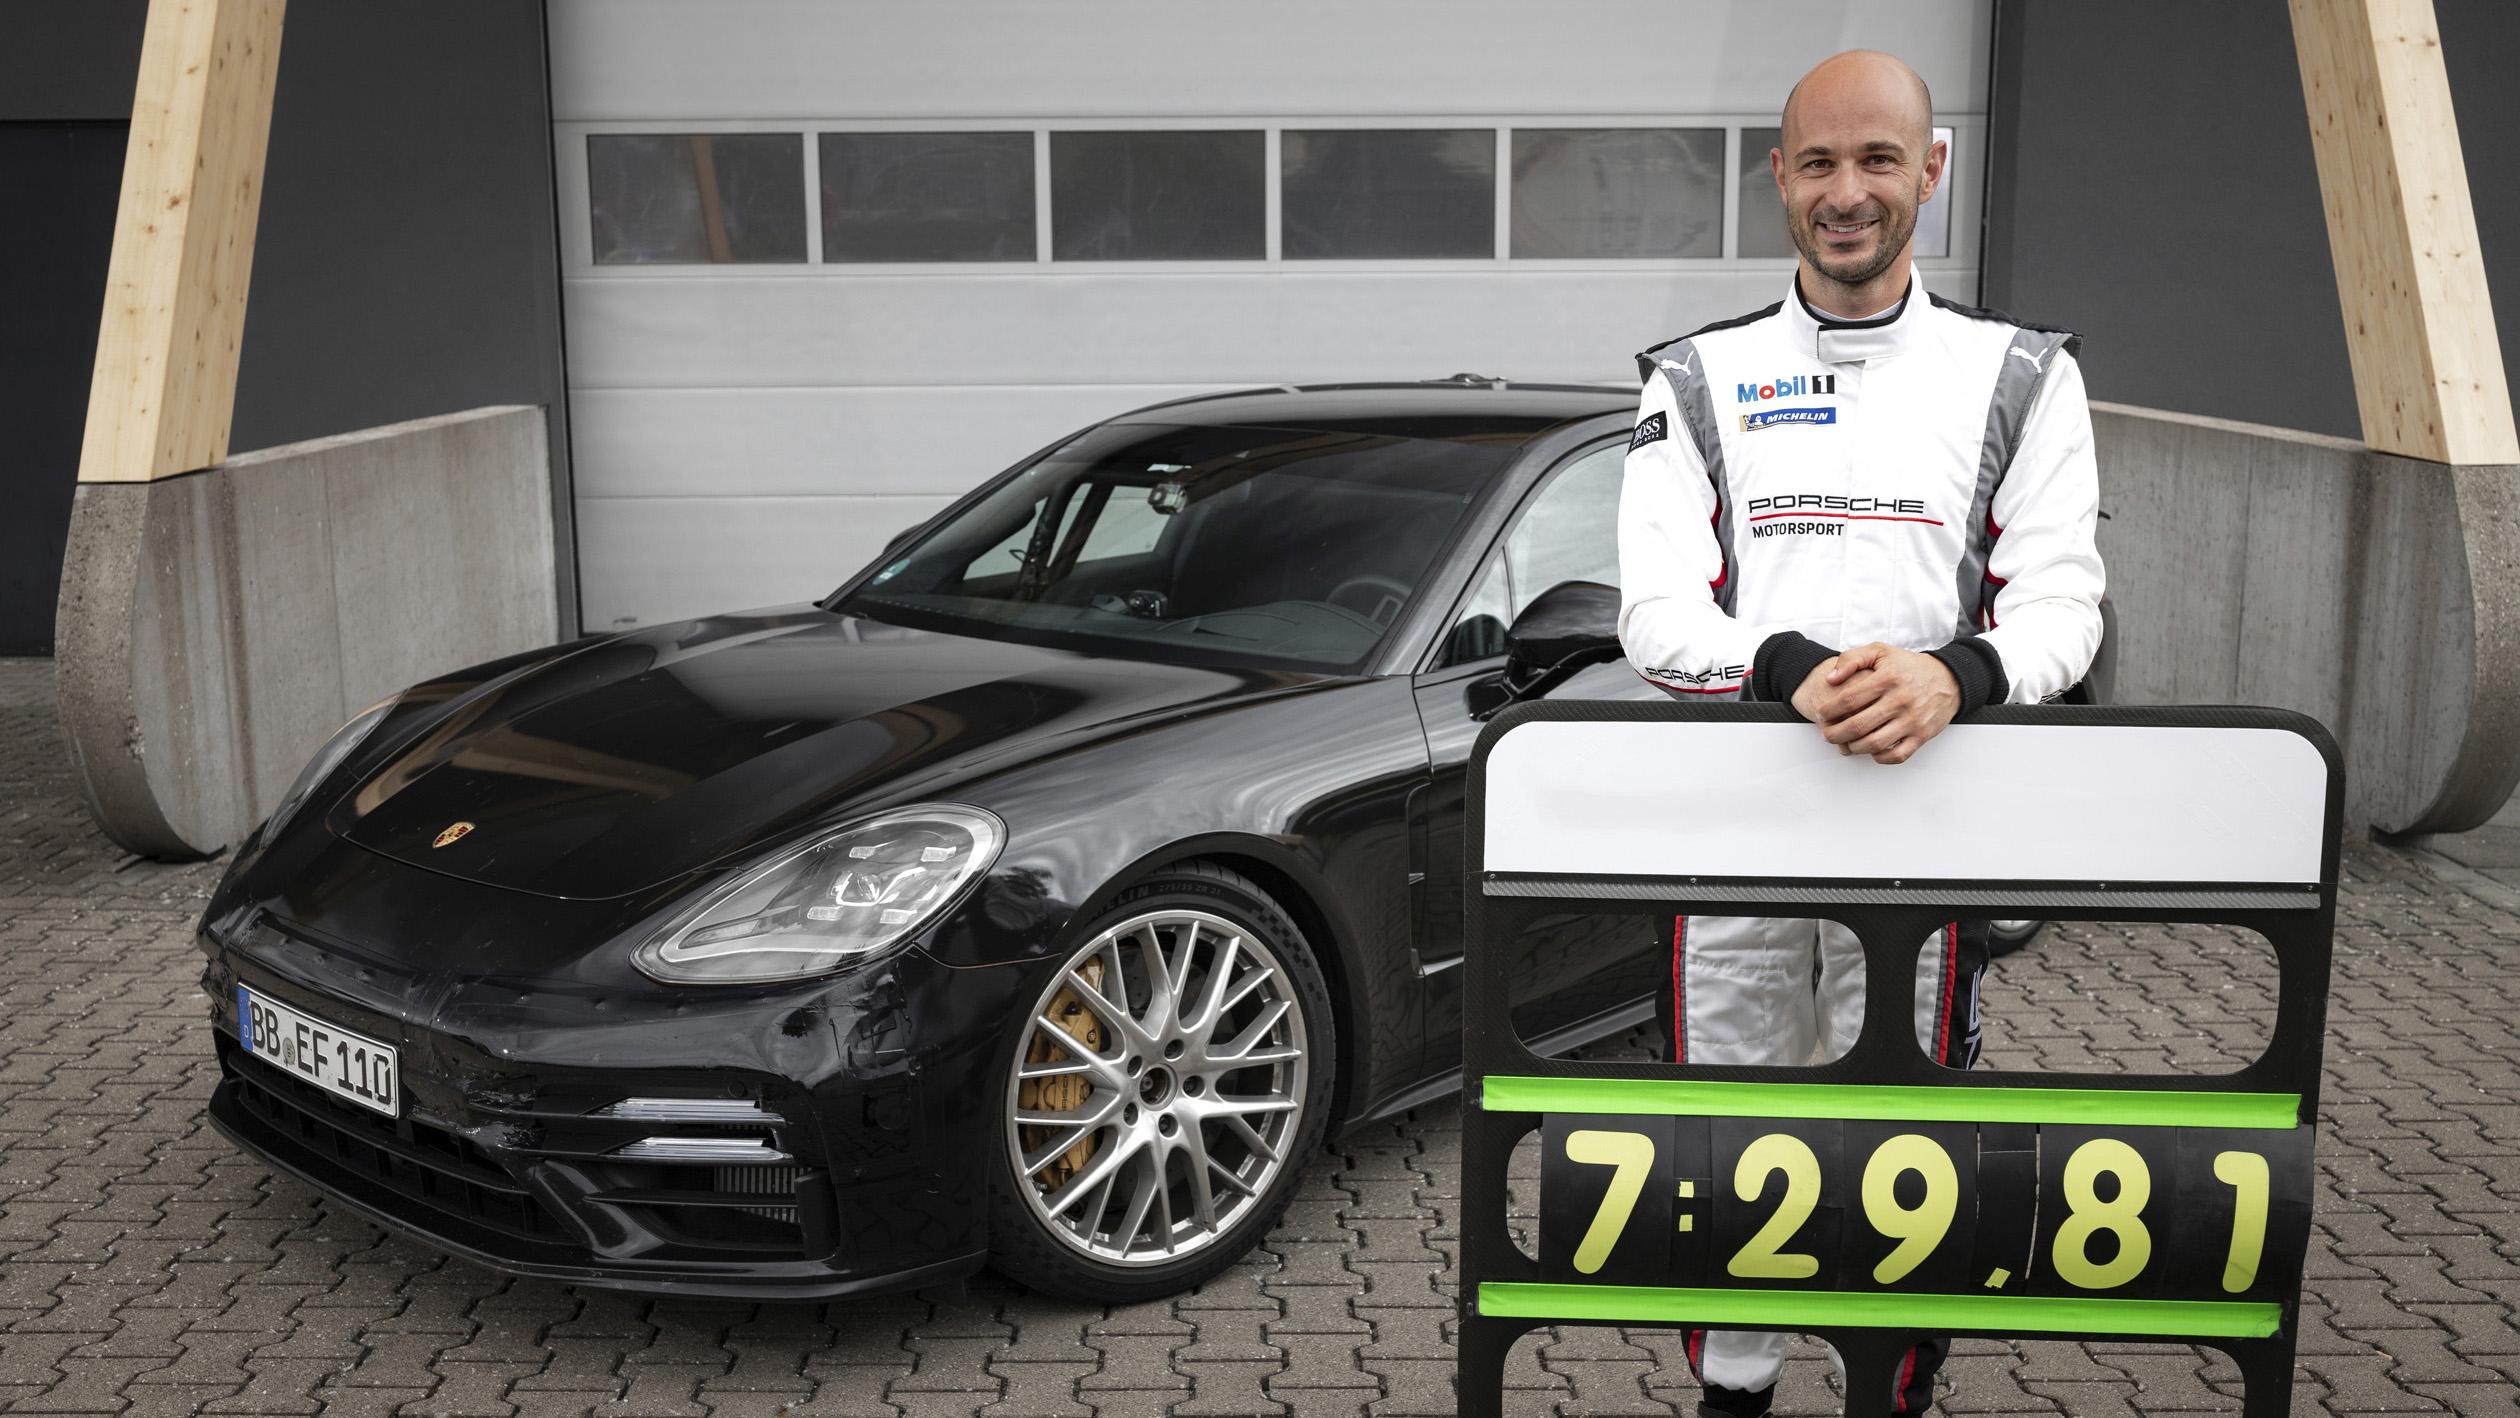 主管趕時間就靠它了,Porsche 小改 Panamera 刷新紐柏林北環單圈紀錄